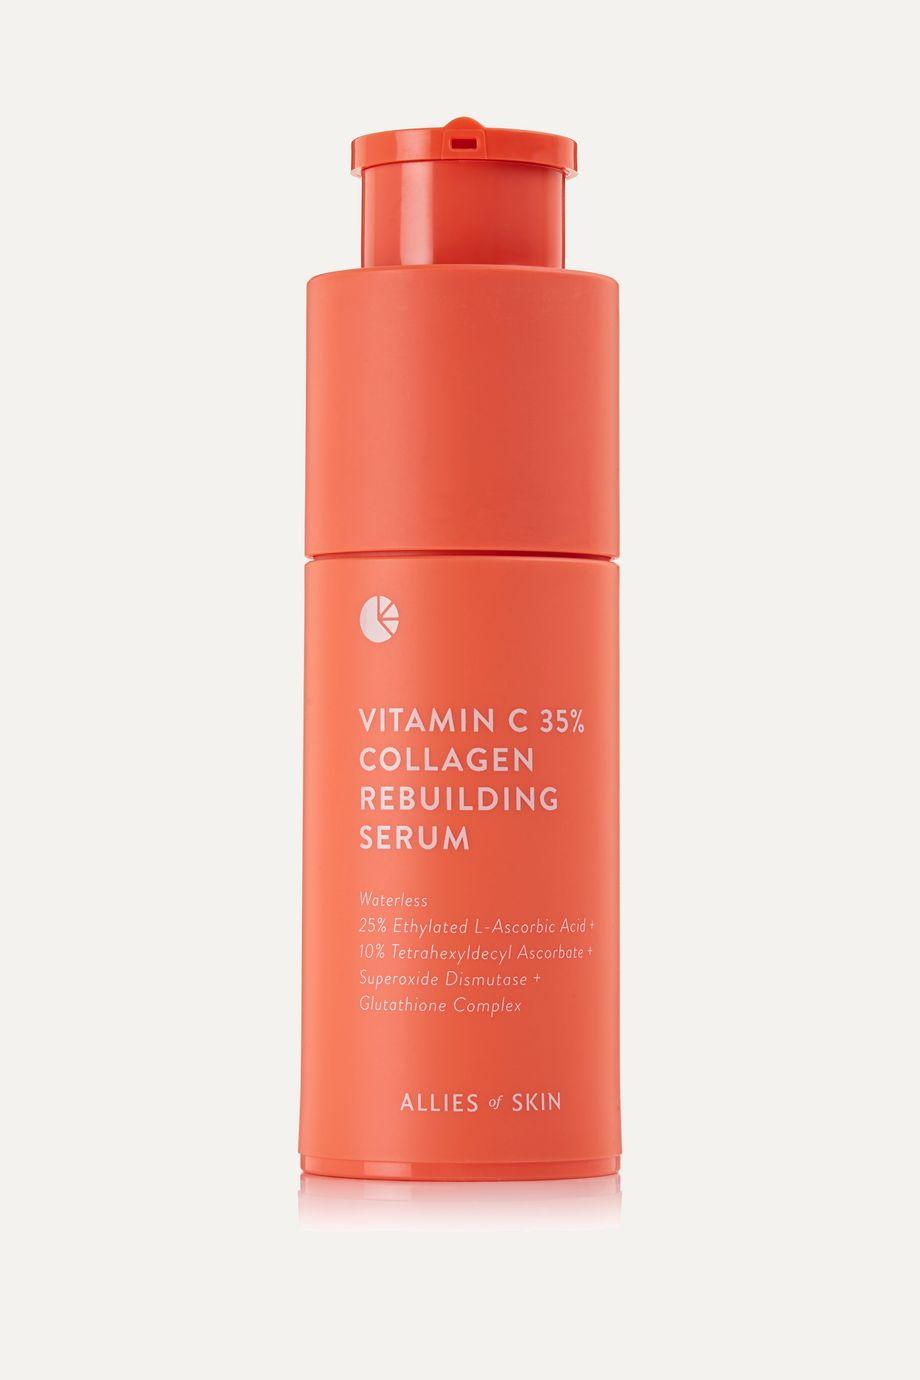 Allies of Skin Vitamin C 35% Collagen Rebuilding Serum, 30ml